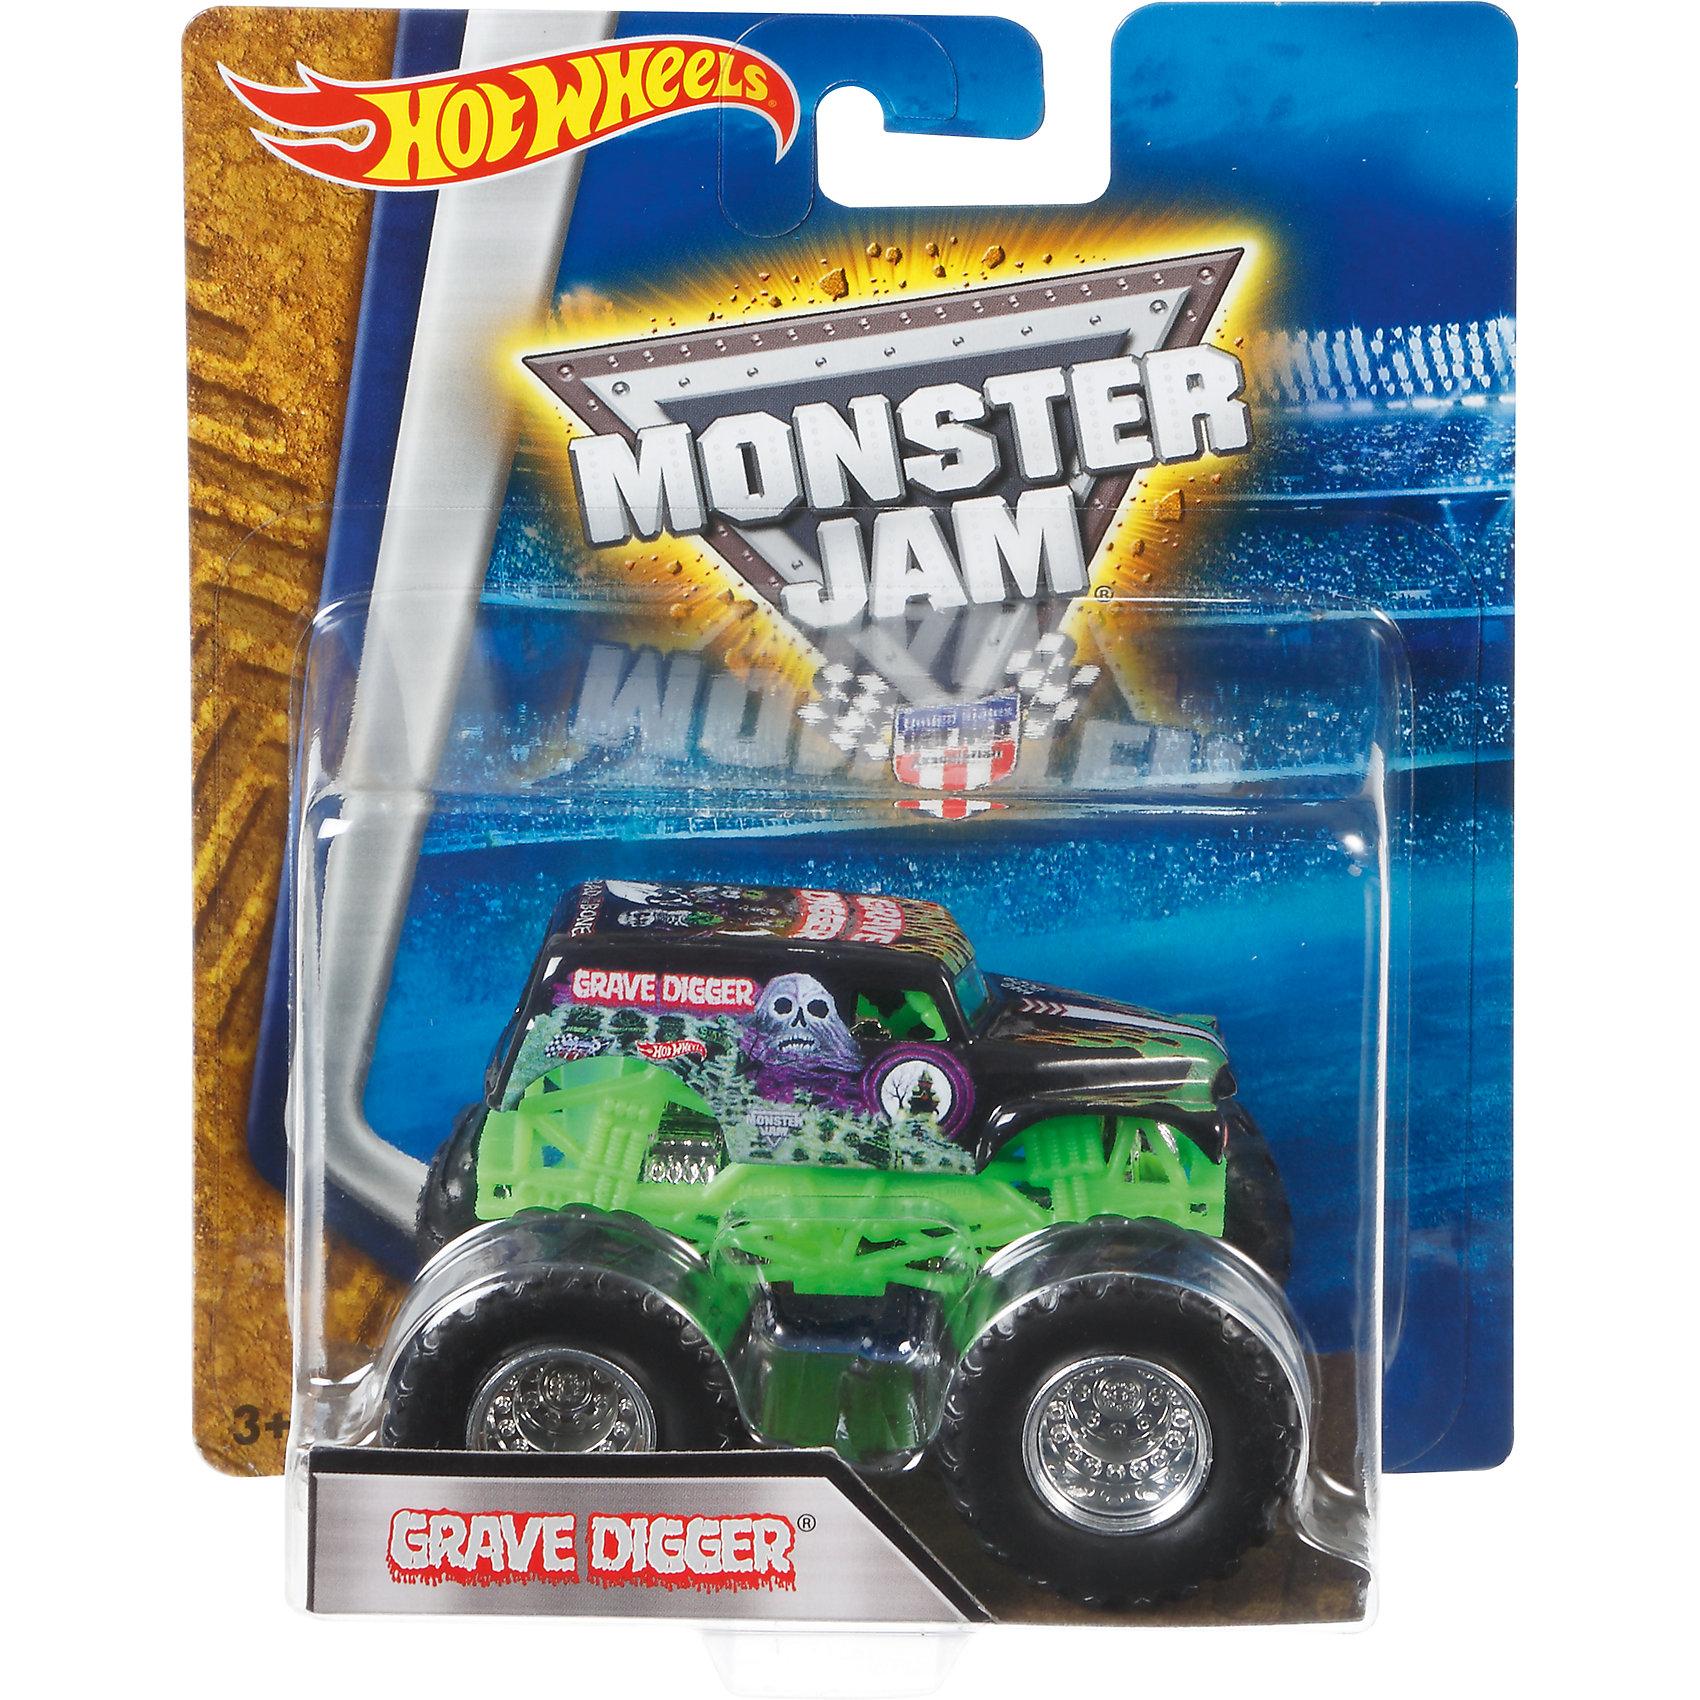 Машинка 1:64,  Monster Jam, Hot WheelsМашинки<br>Характеристики игрушечной машинки Хот Вилс:<br><br>• серия: Monster Jam;<br>• масштаб: 1:64;<br>• литой корпус;<br>• хромированные диски;<br>• проходимость колес; <br>• длина машинки: 8,5 см;<br>• размер упаковки: 17,5х14х7,5 см;<br>• вес в упаковке: 115 г.<br><br>Игрушечная модель машинки Hot Wheels на мощных колесах большого диаметра отличается высокой проходимостью, претендует на первенство в гонках, имеет литой корпус. Комбинированное использования пластика и металла делает машинку прочной и устойчивой к ударам и падениям. Тюнинг трюкового внедорожника Monster Jam соответствует пожеланиям юных коллекционеров линейки автомобилей Hot Wheels. <br><br>Машинку 1:64, Monster Jam, Hot Wheels можно купить в нашем интернет-магазине.<br><br>Ширина мм: 65<br>Глубина мм: 140<br>Высота мм: 175<br>Вес г: 130<br>Возраст от месяцев: 36<br>Возраст до месяцев: 84<br>Пол: Мужской<br>Возраст: Детский<br>SKU: 5285004